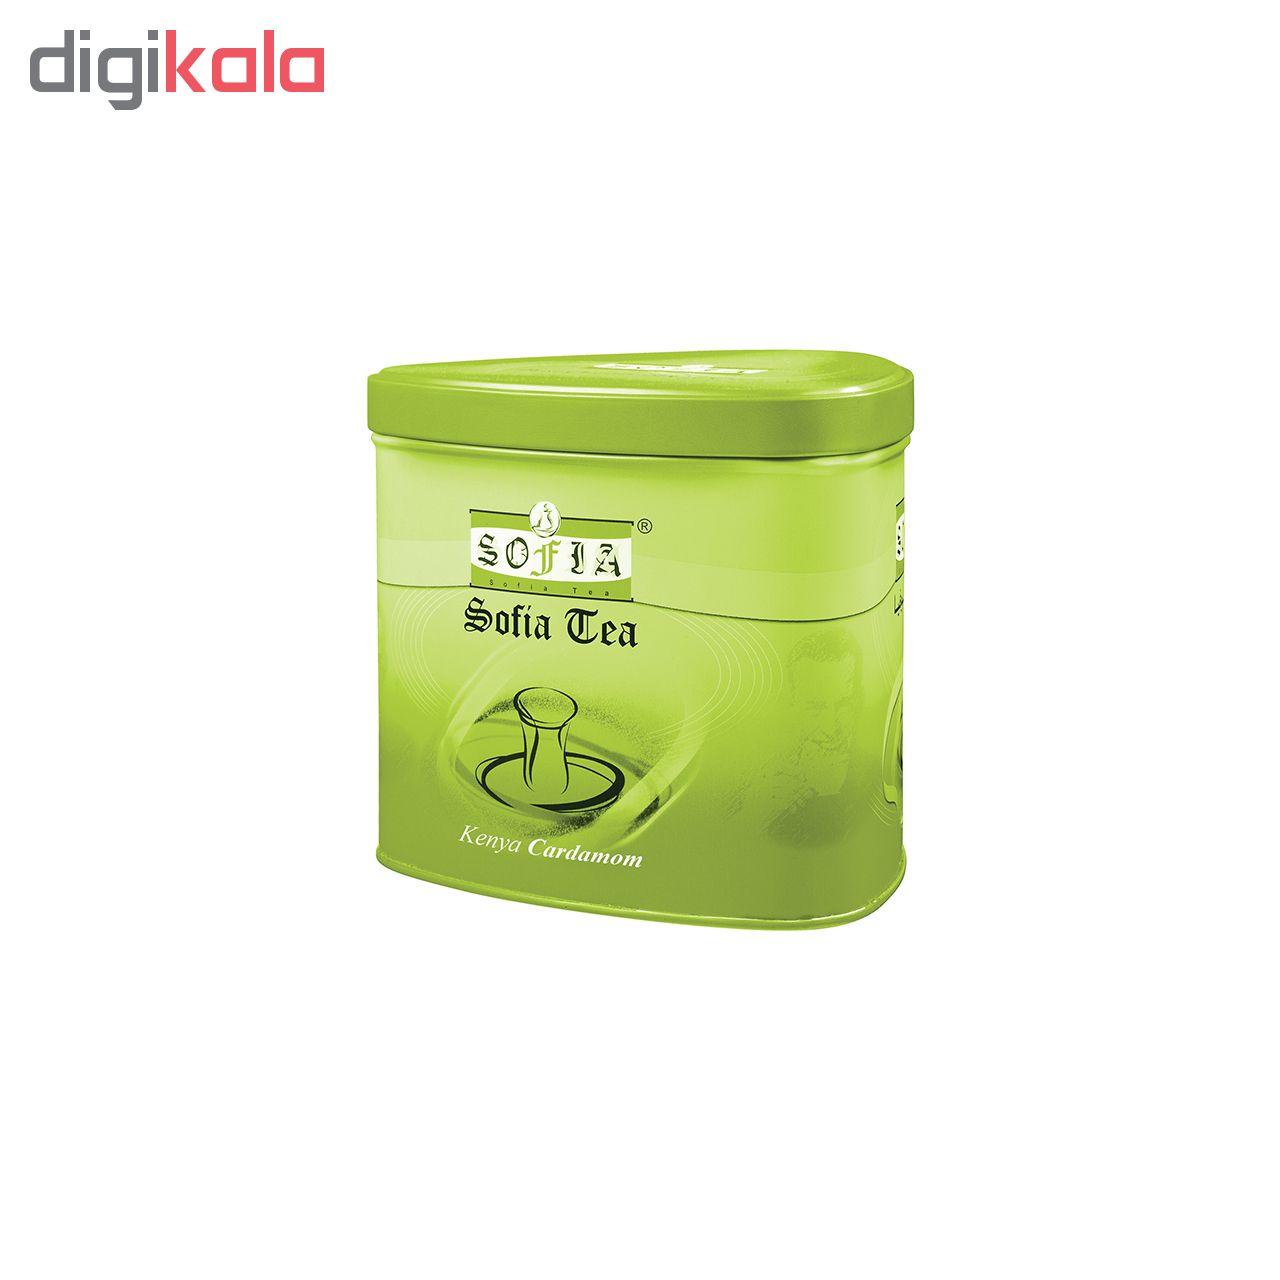 چای سیاه  کله مورچه چای  سوفیا مقدار450 گرم